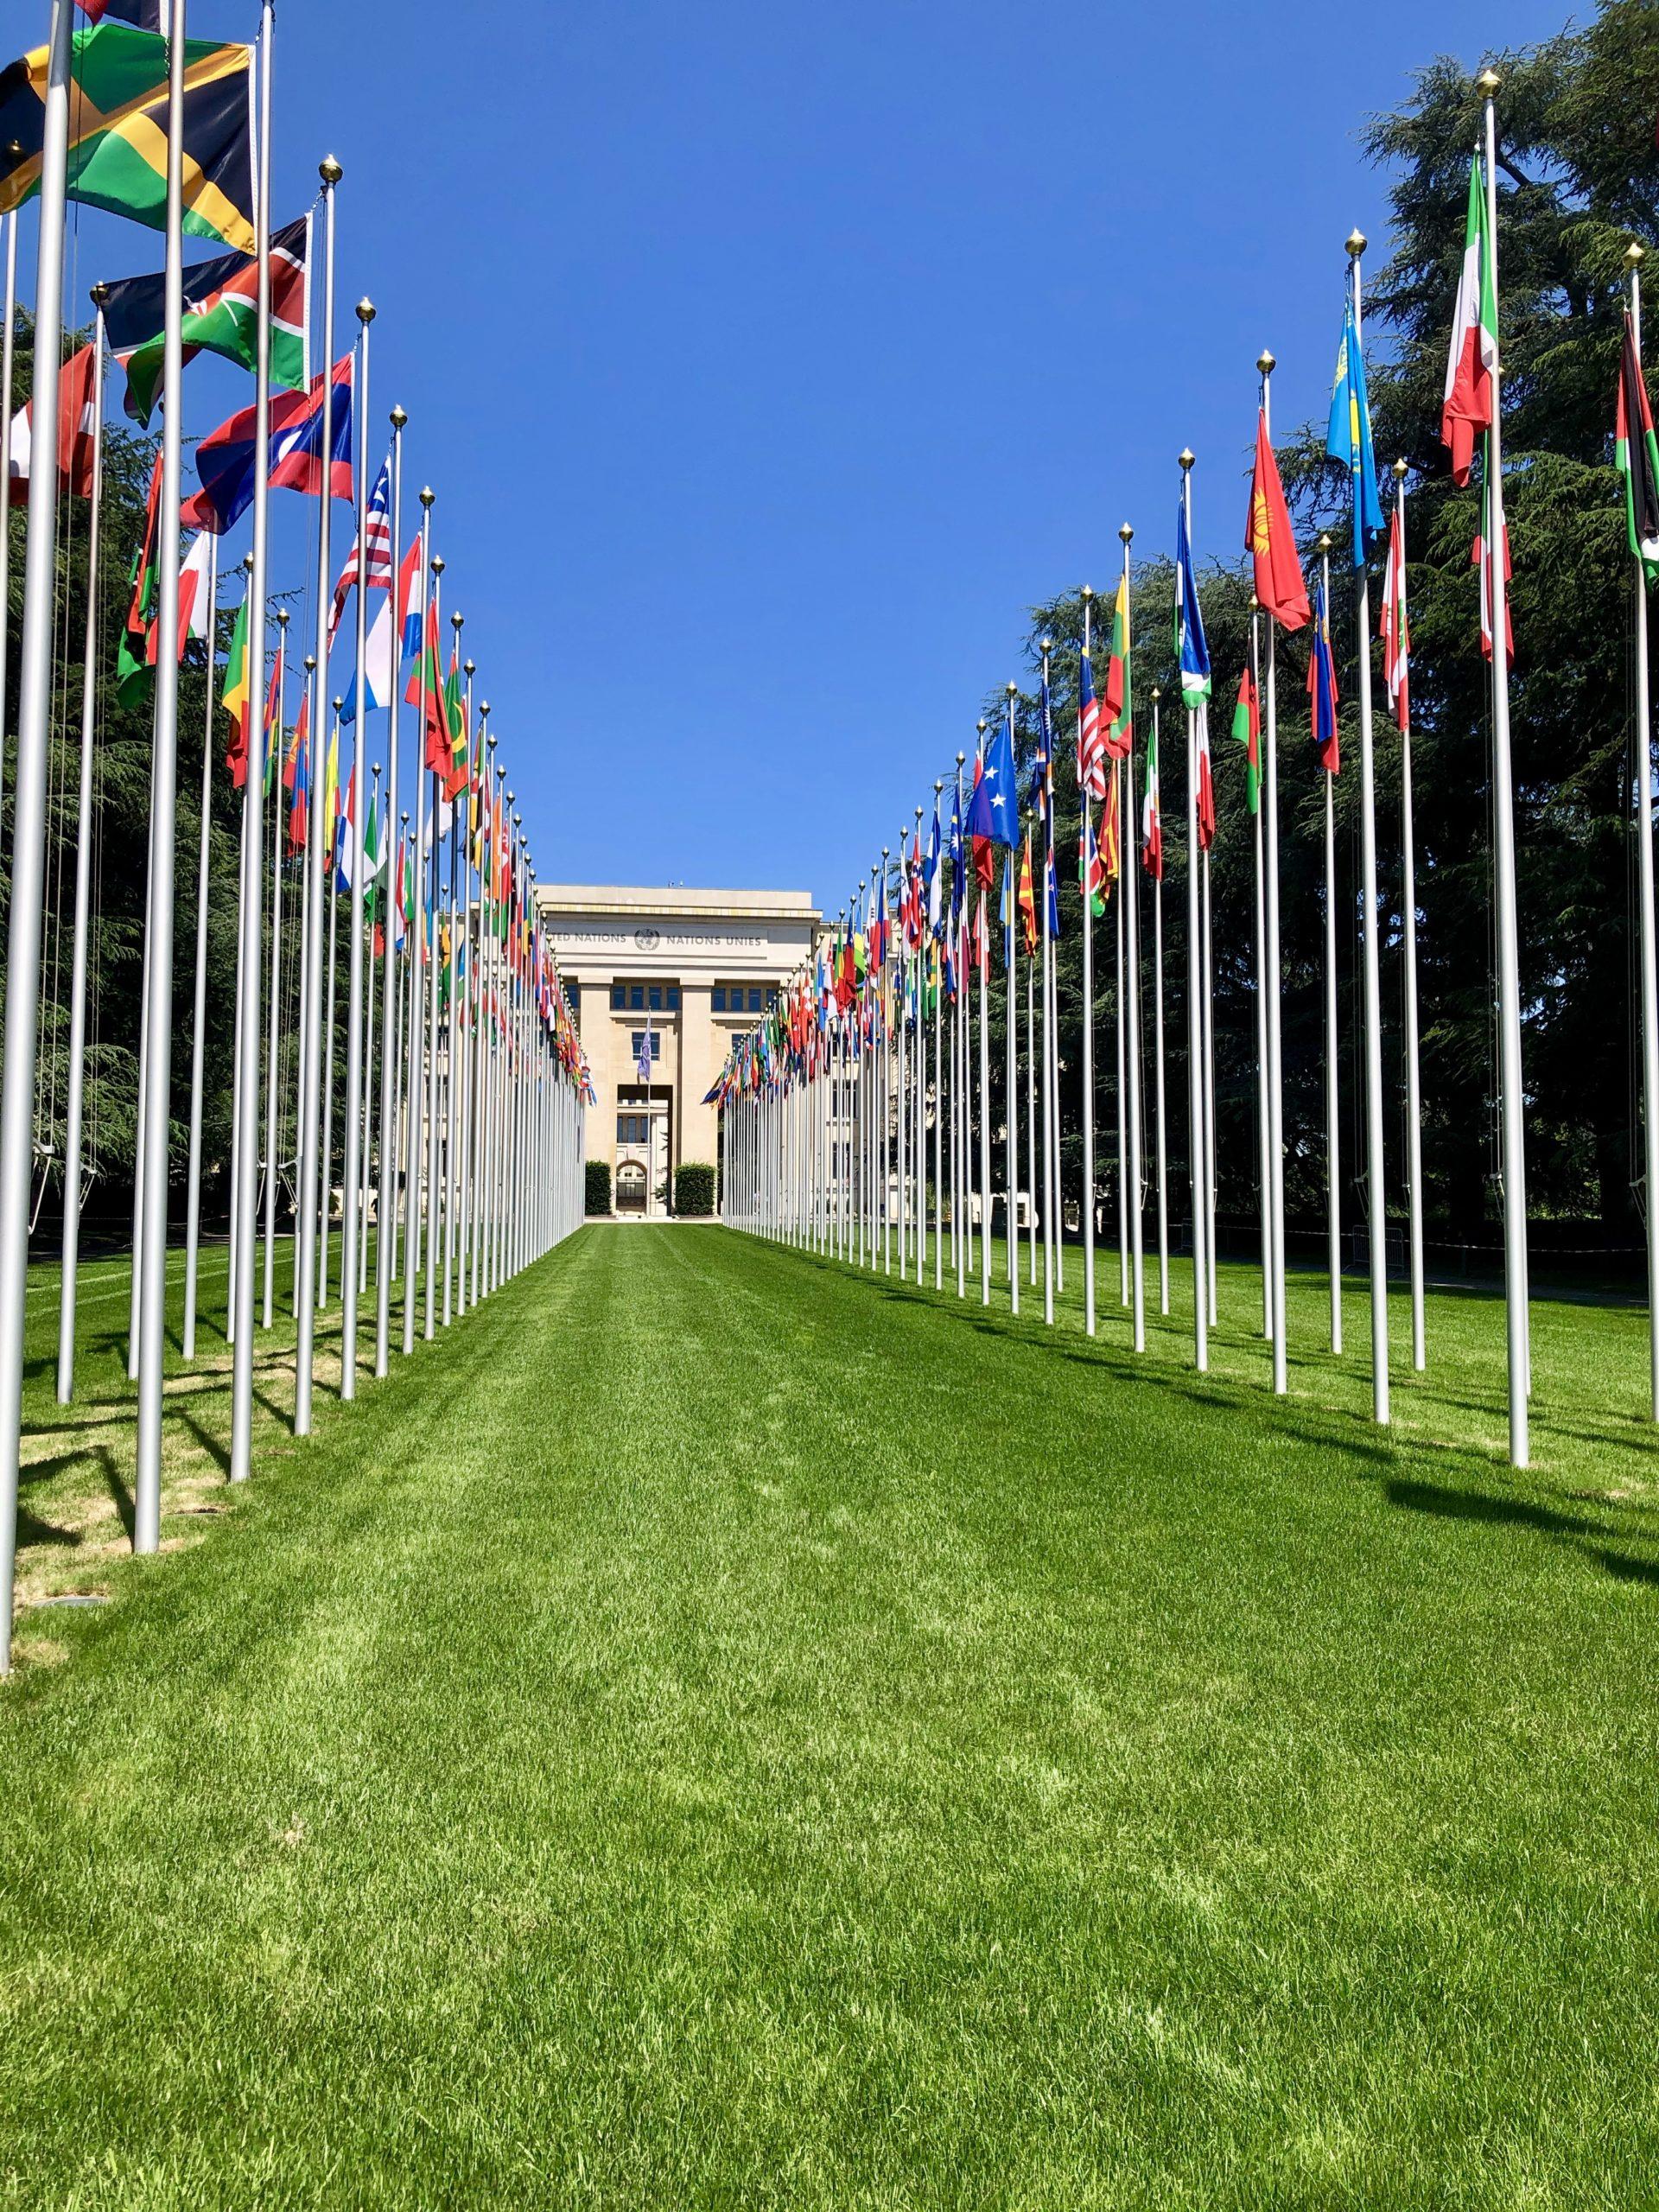 43ème session du Conseil des Droits de l'Homme, ONU, Genève